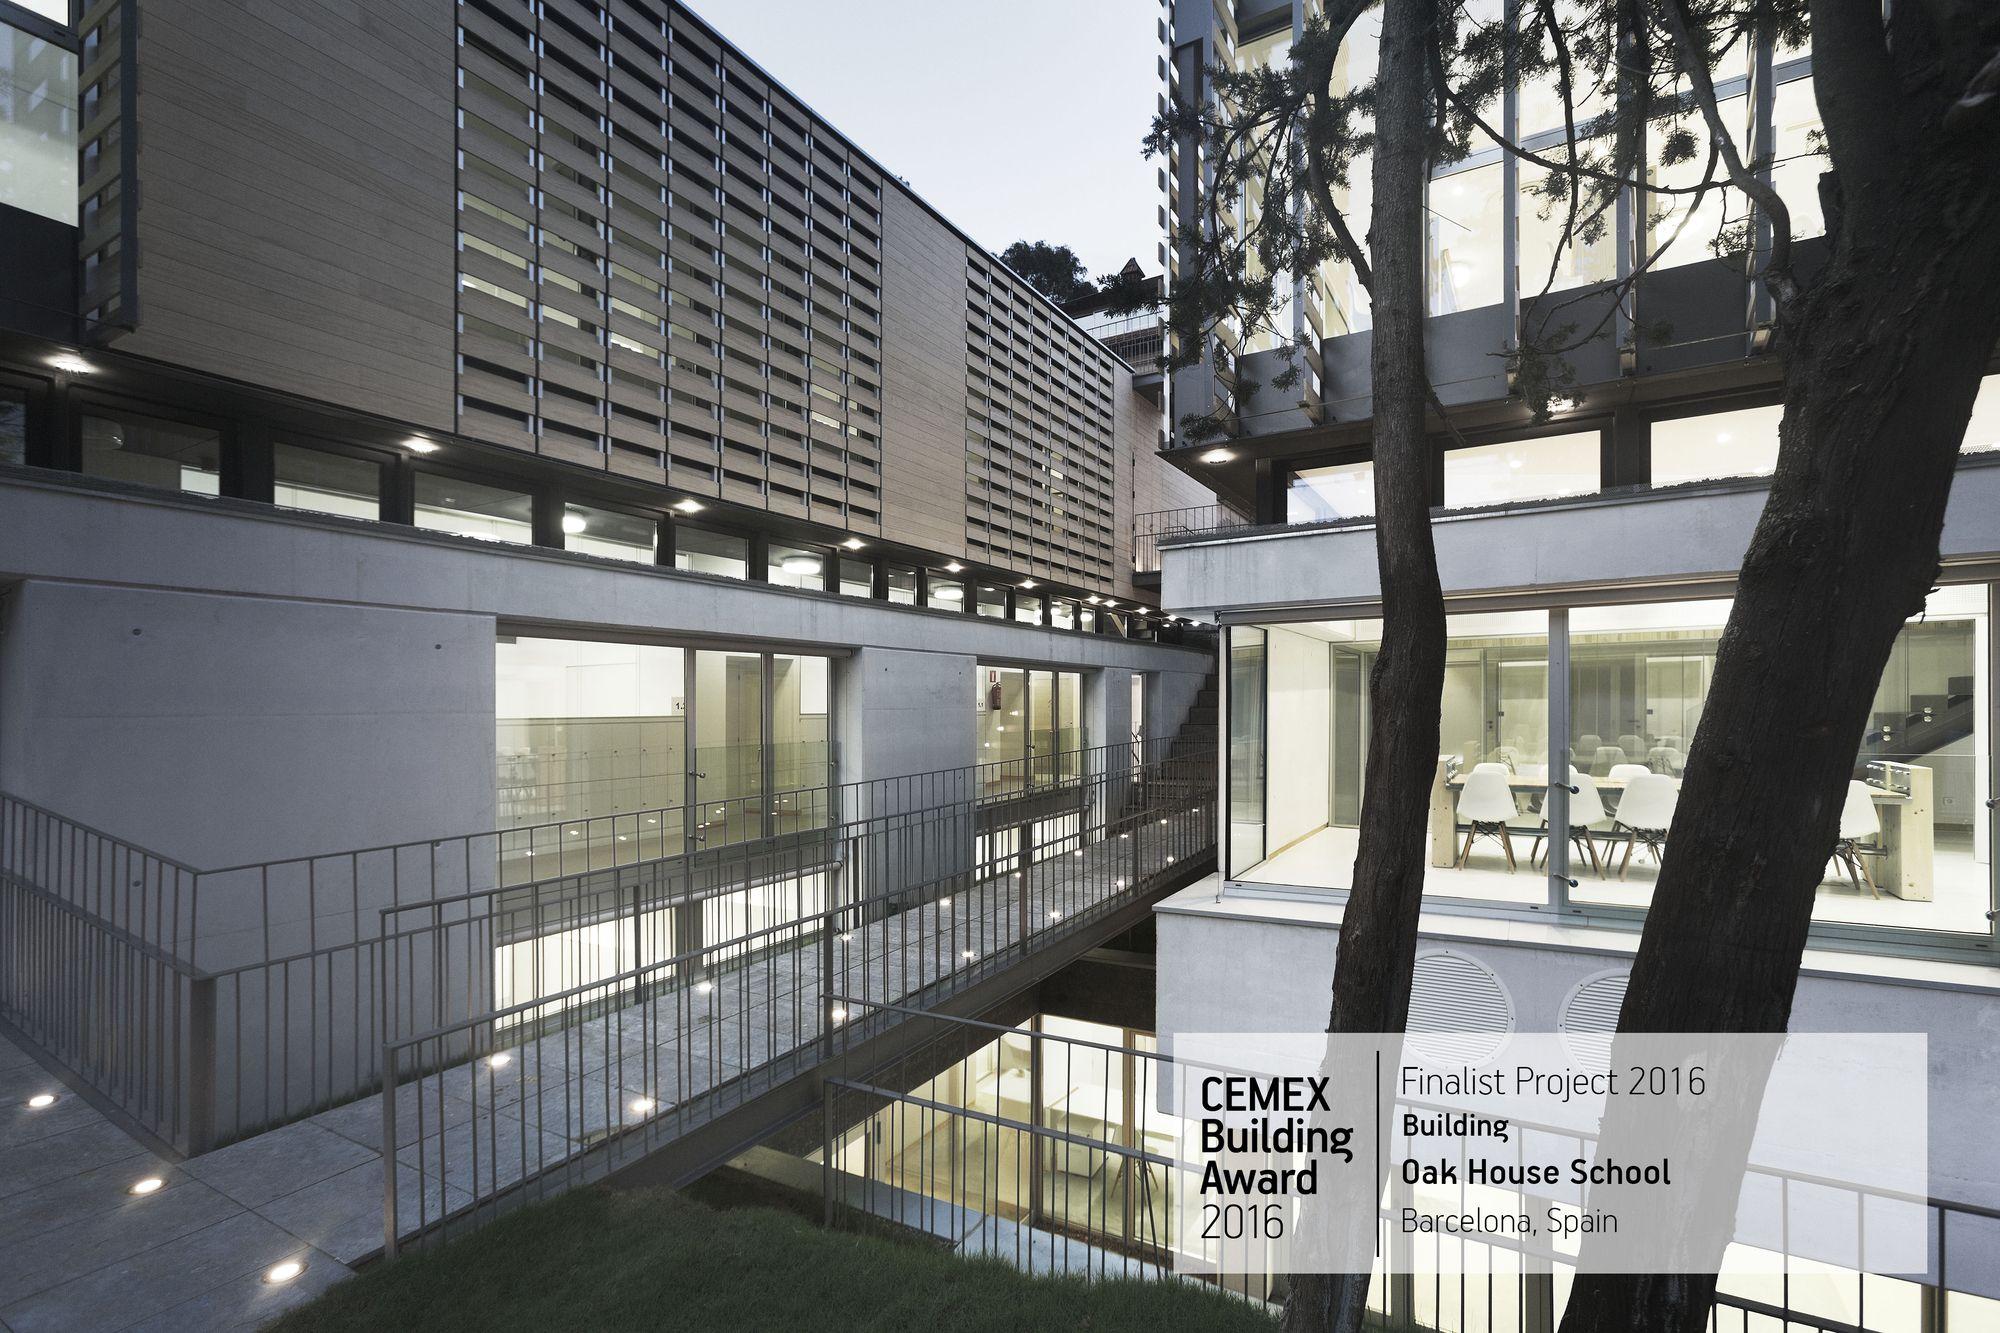 Image 30 of 80 from gallery of CEMEX Building Award Finalists 2016 International Edition. Oak House School / Trasbordo Arquitectura y Gerencia de Construcción S.L.. Barcelona, Spain. Image © Enrique Cabeza de Vaca